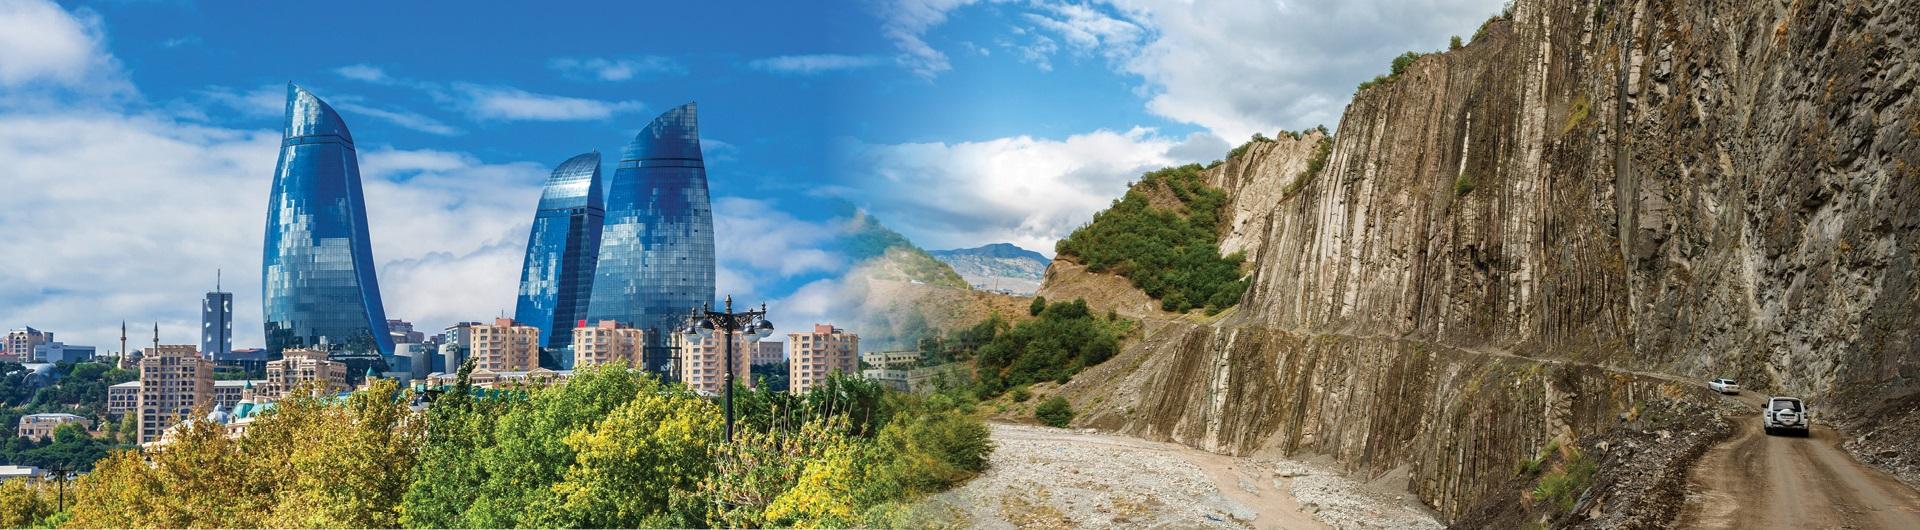 """""""טיול מאורגן לאזרבייג'אן - מבאקו הבירה ועד לקהילות """"יהודי ההרים"""